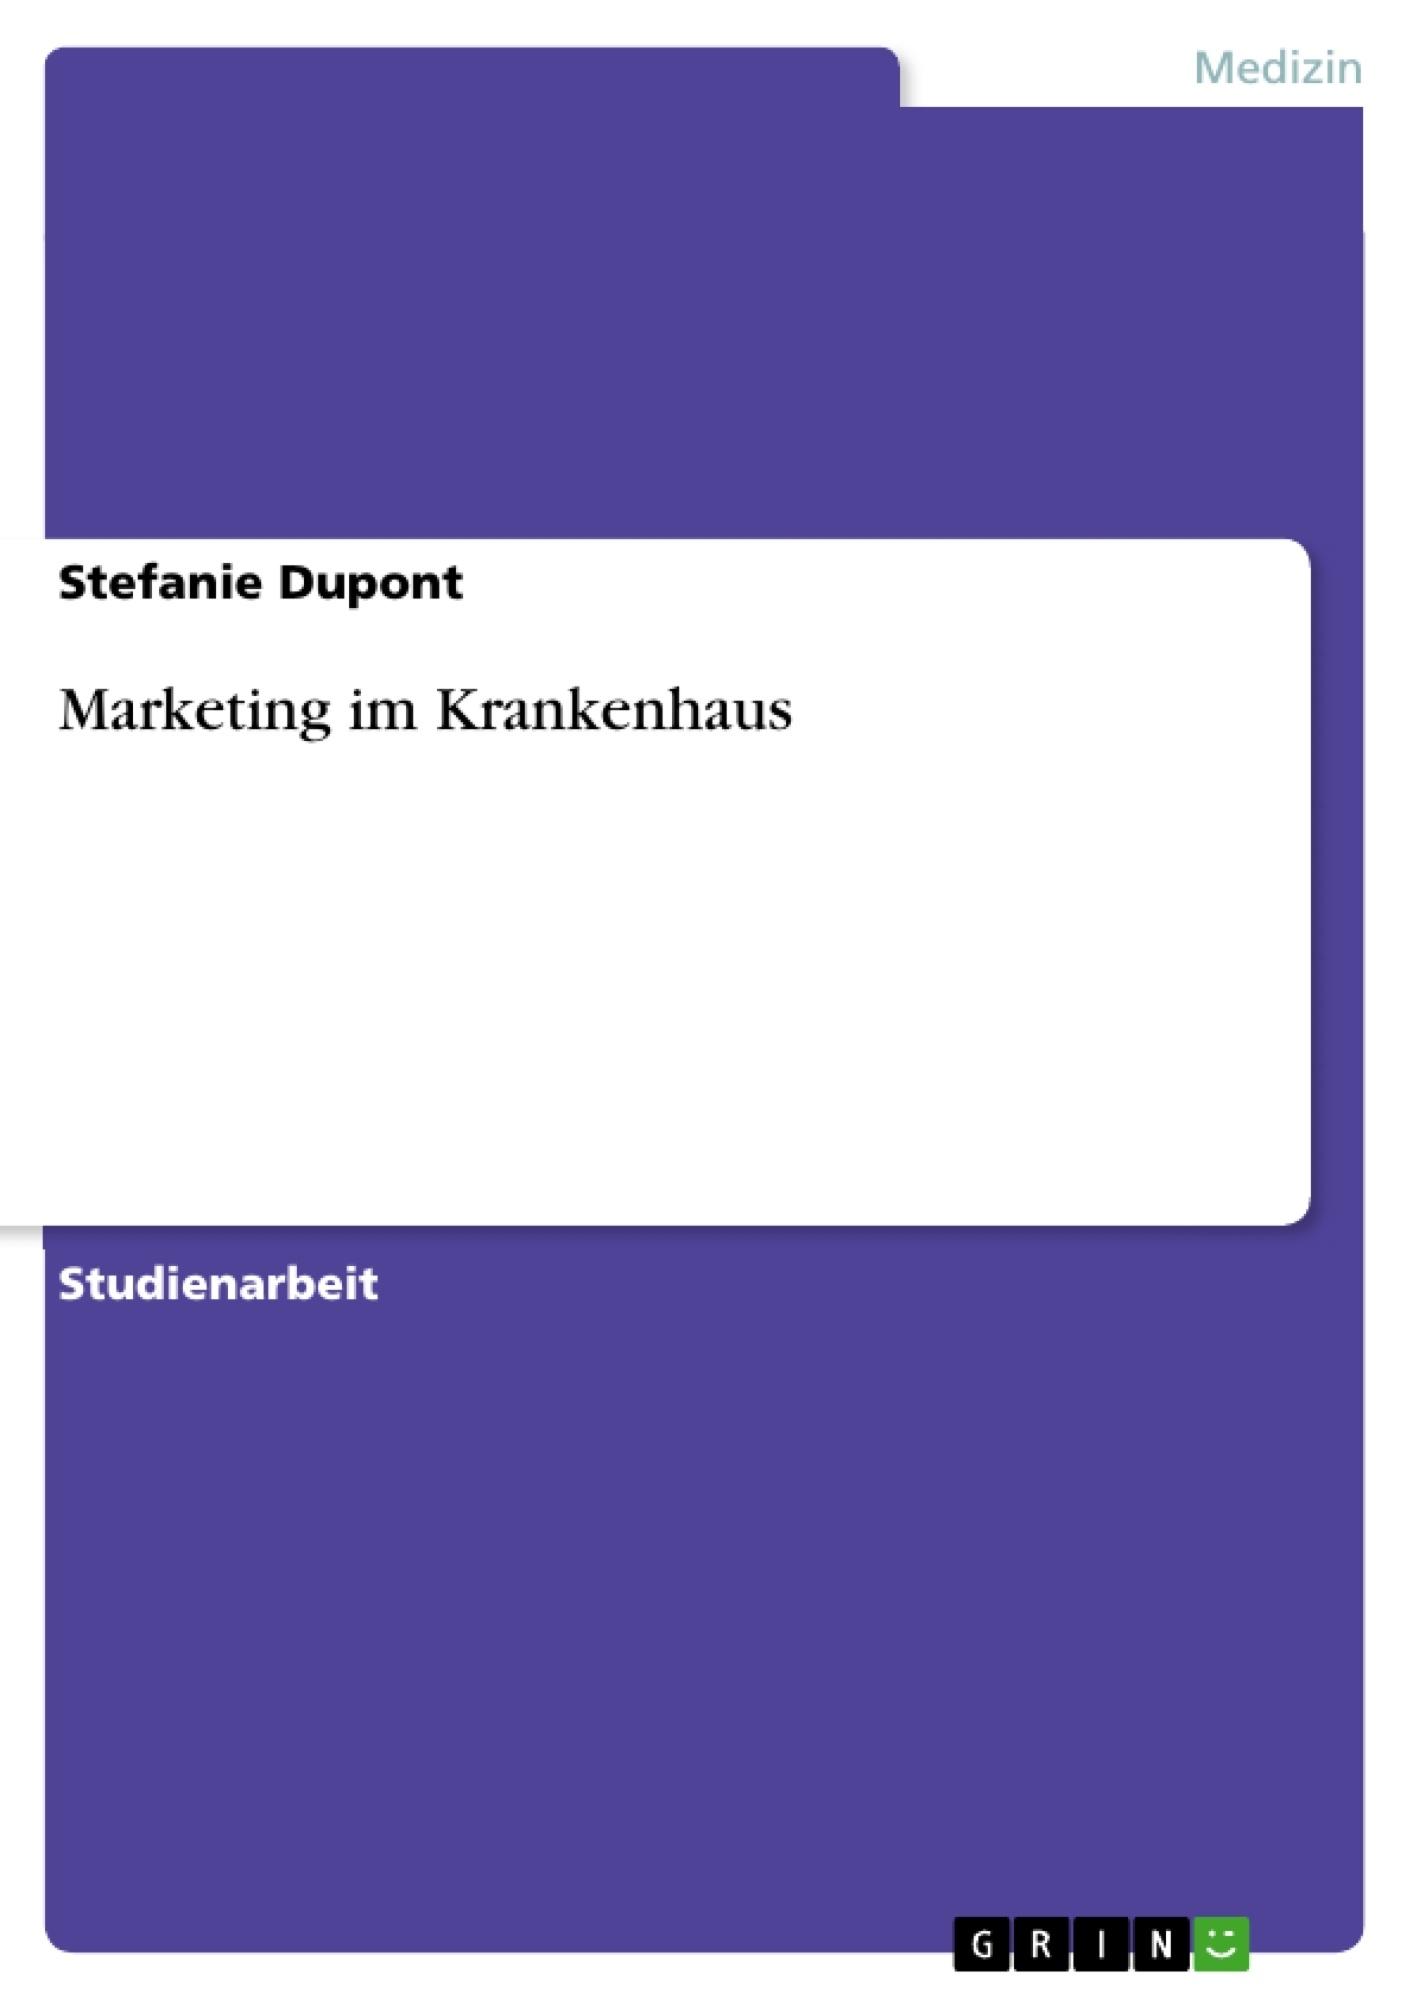 Marketing im Krankenhaus | Masterarbeit, Hausarbeit, Bachelorarbeit ...